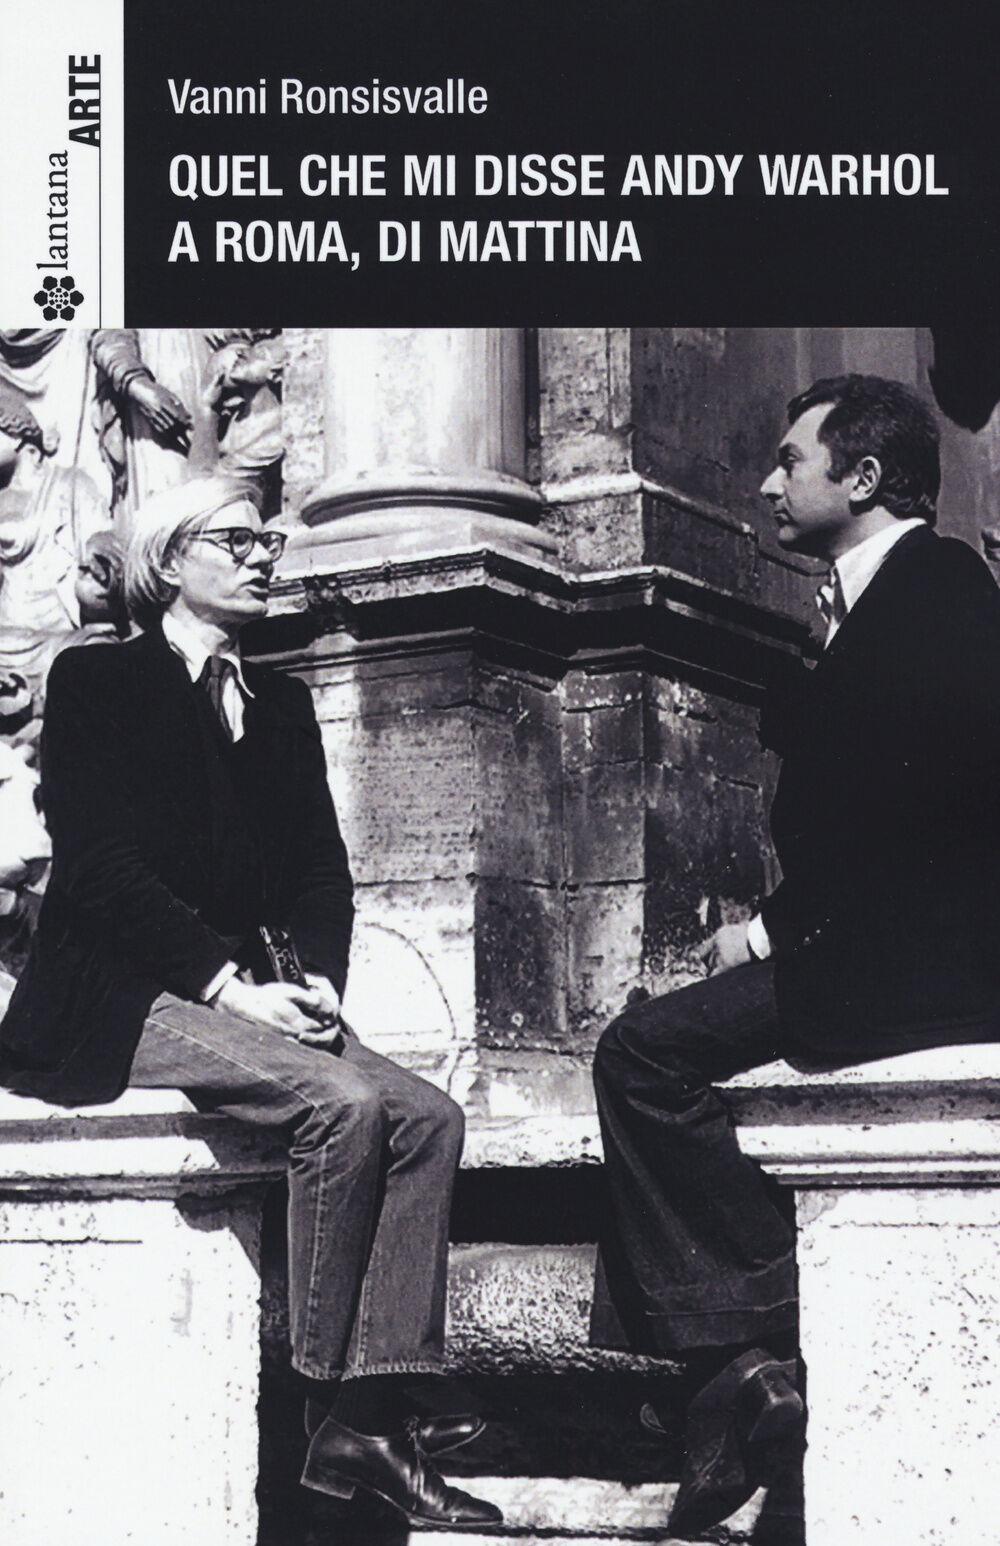 Quel che mi disse Andy Warhol a Roma, di mattina. Ediz. italiana e inglese